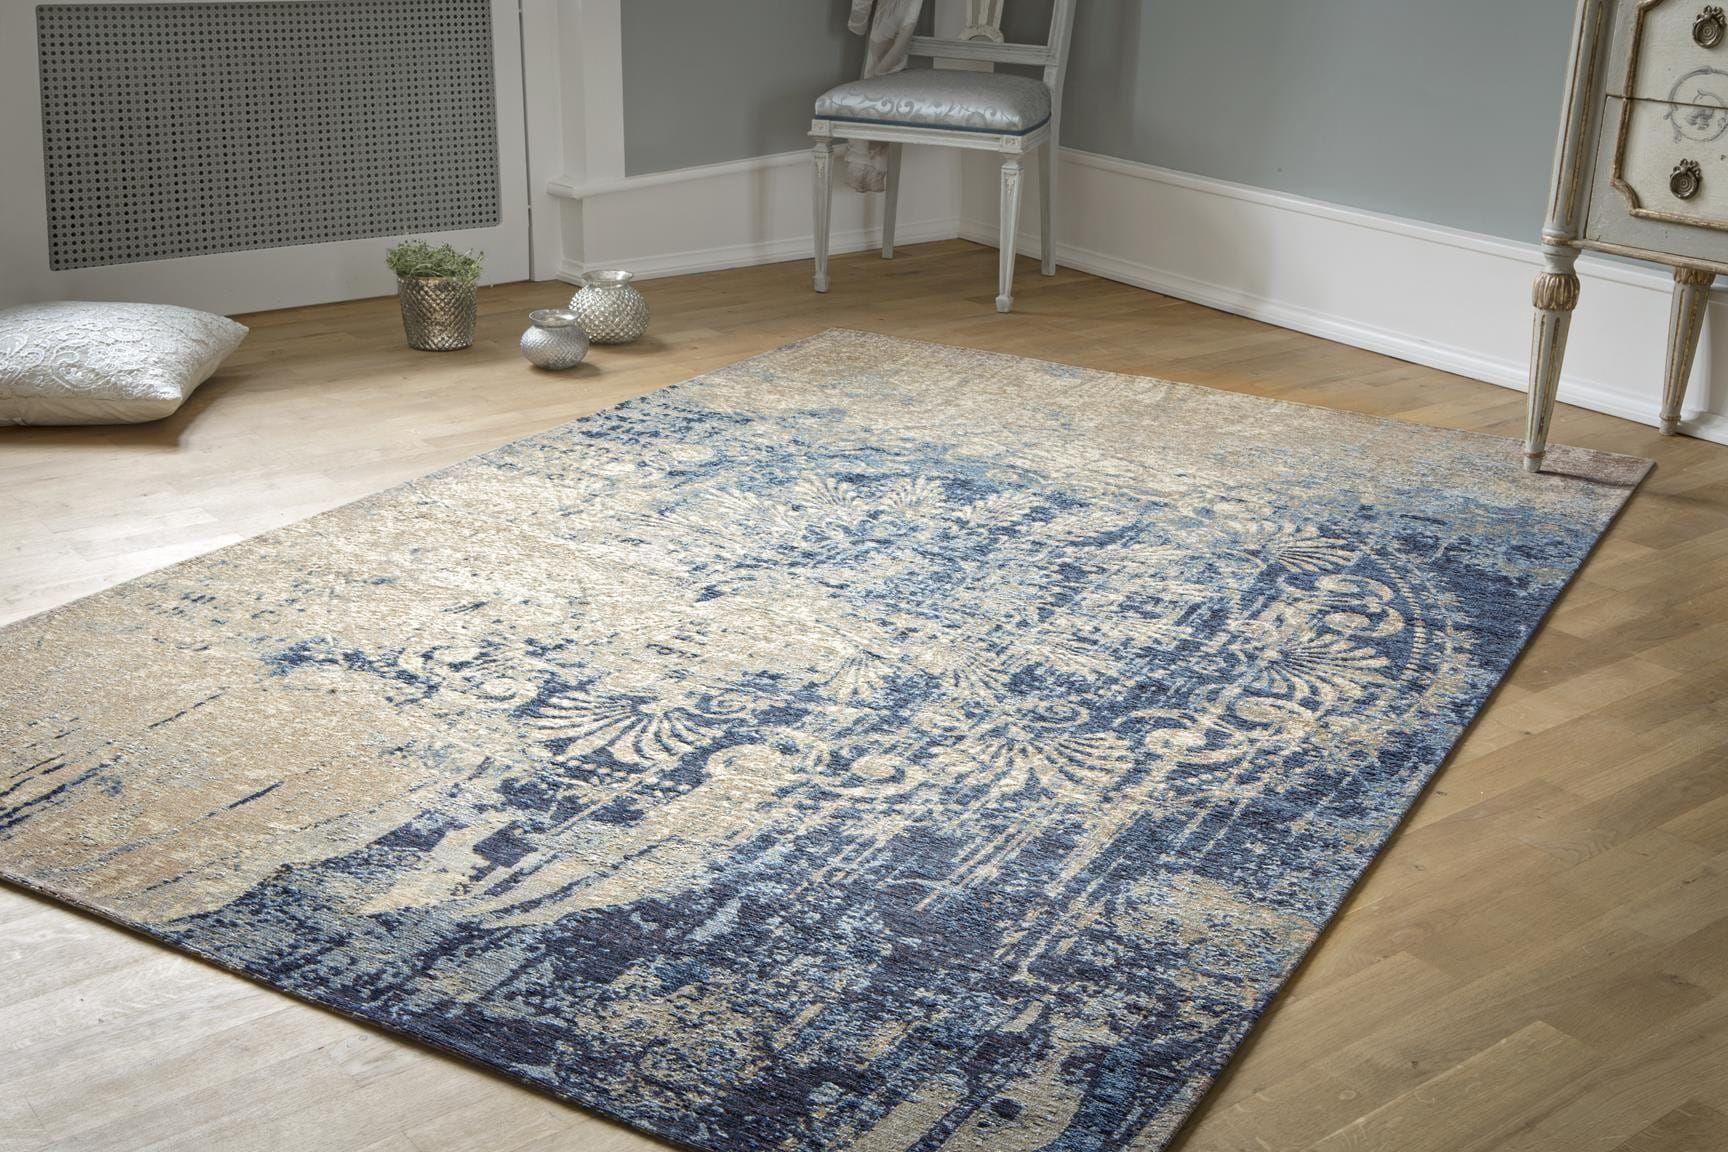 Luxor living vintageteppich beige blau barock vintage teppiche